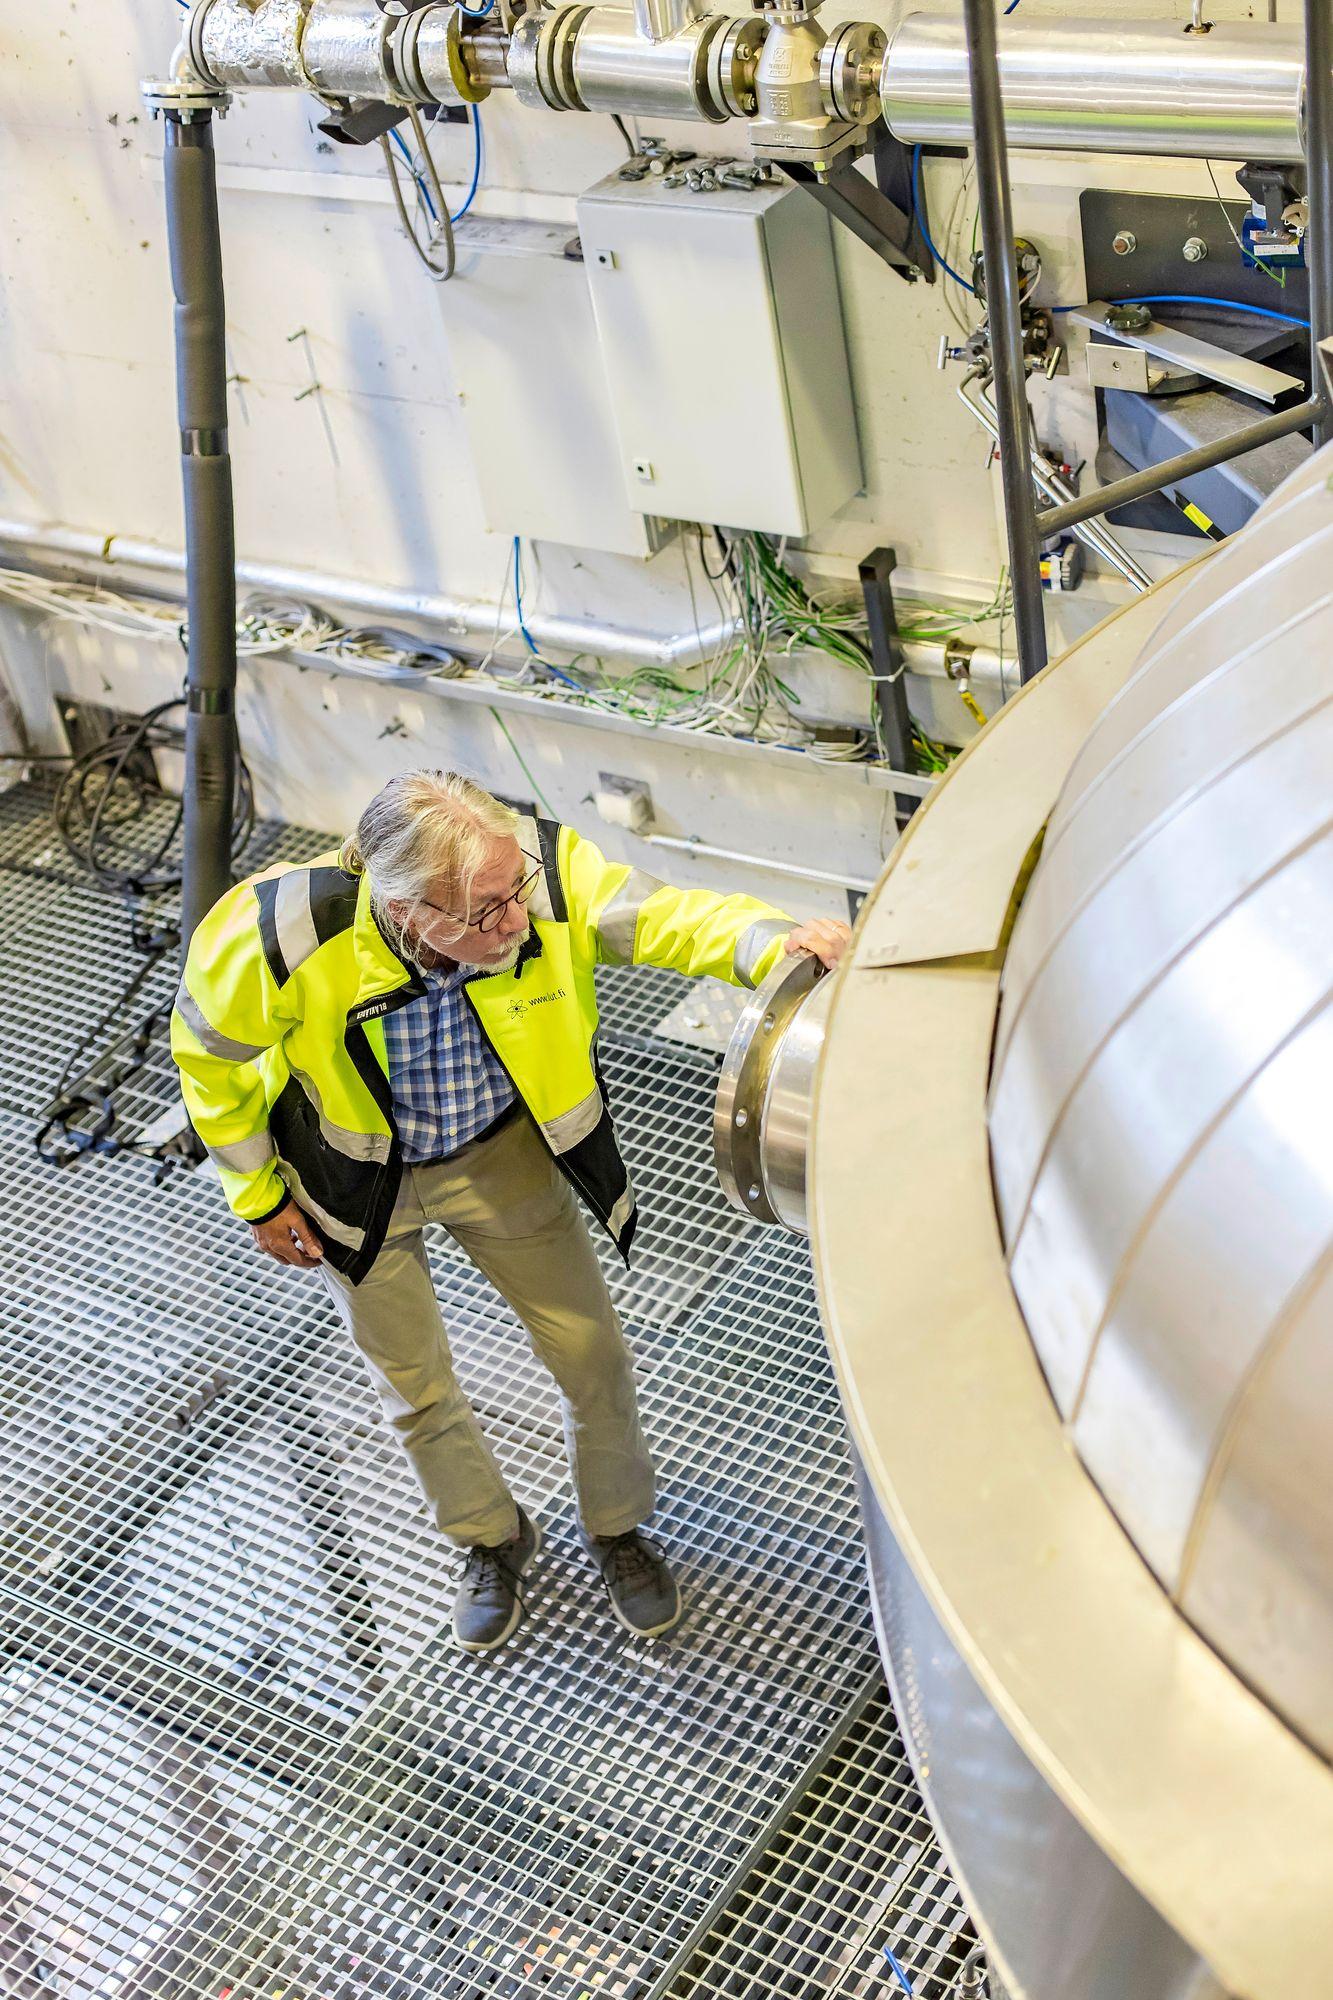 Juhani Hyvärinen on sitä mieltä, että fossiiliset polttoaineet pilaavat koko maapallon ilmakehän eivätkä tuuli- ja aurinkovoima toisaalta riitä kattamaan energiantarvetta. © Mikko Nikkinen